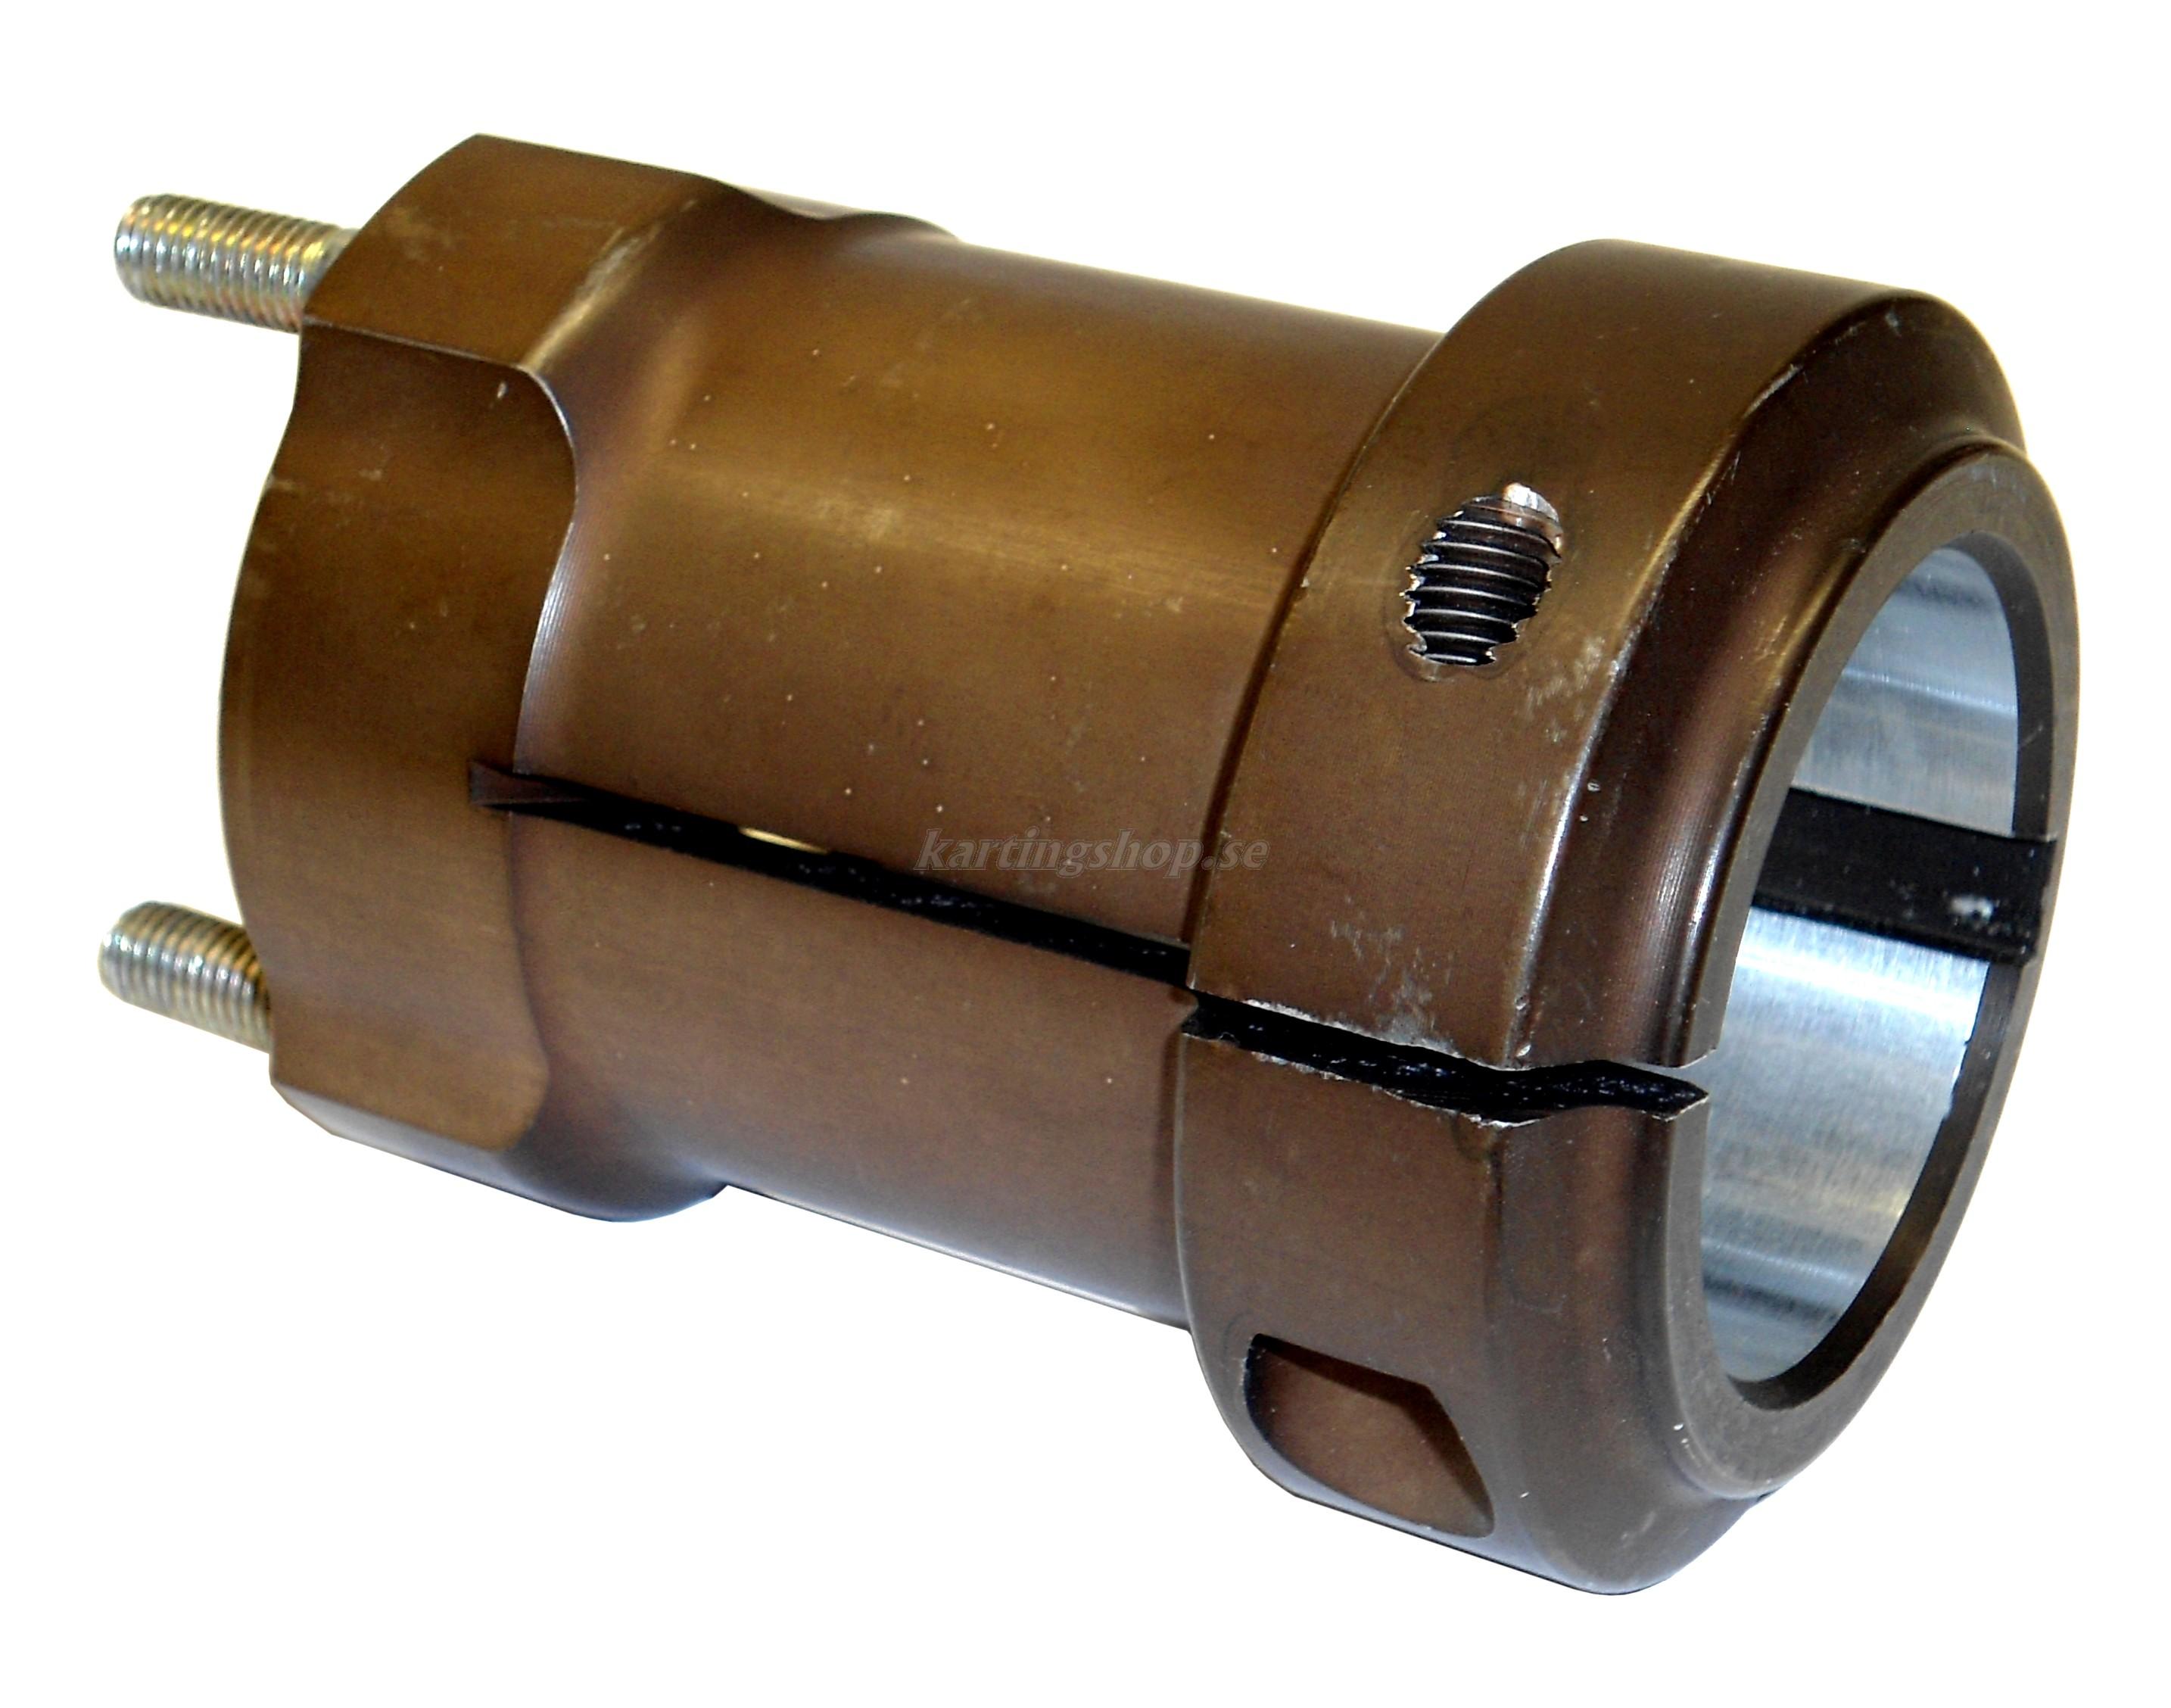 Nav bak aluminium Ø50mm längd 105mm Maranello, OBS. pris/styck